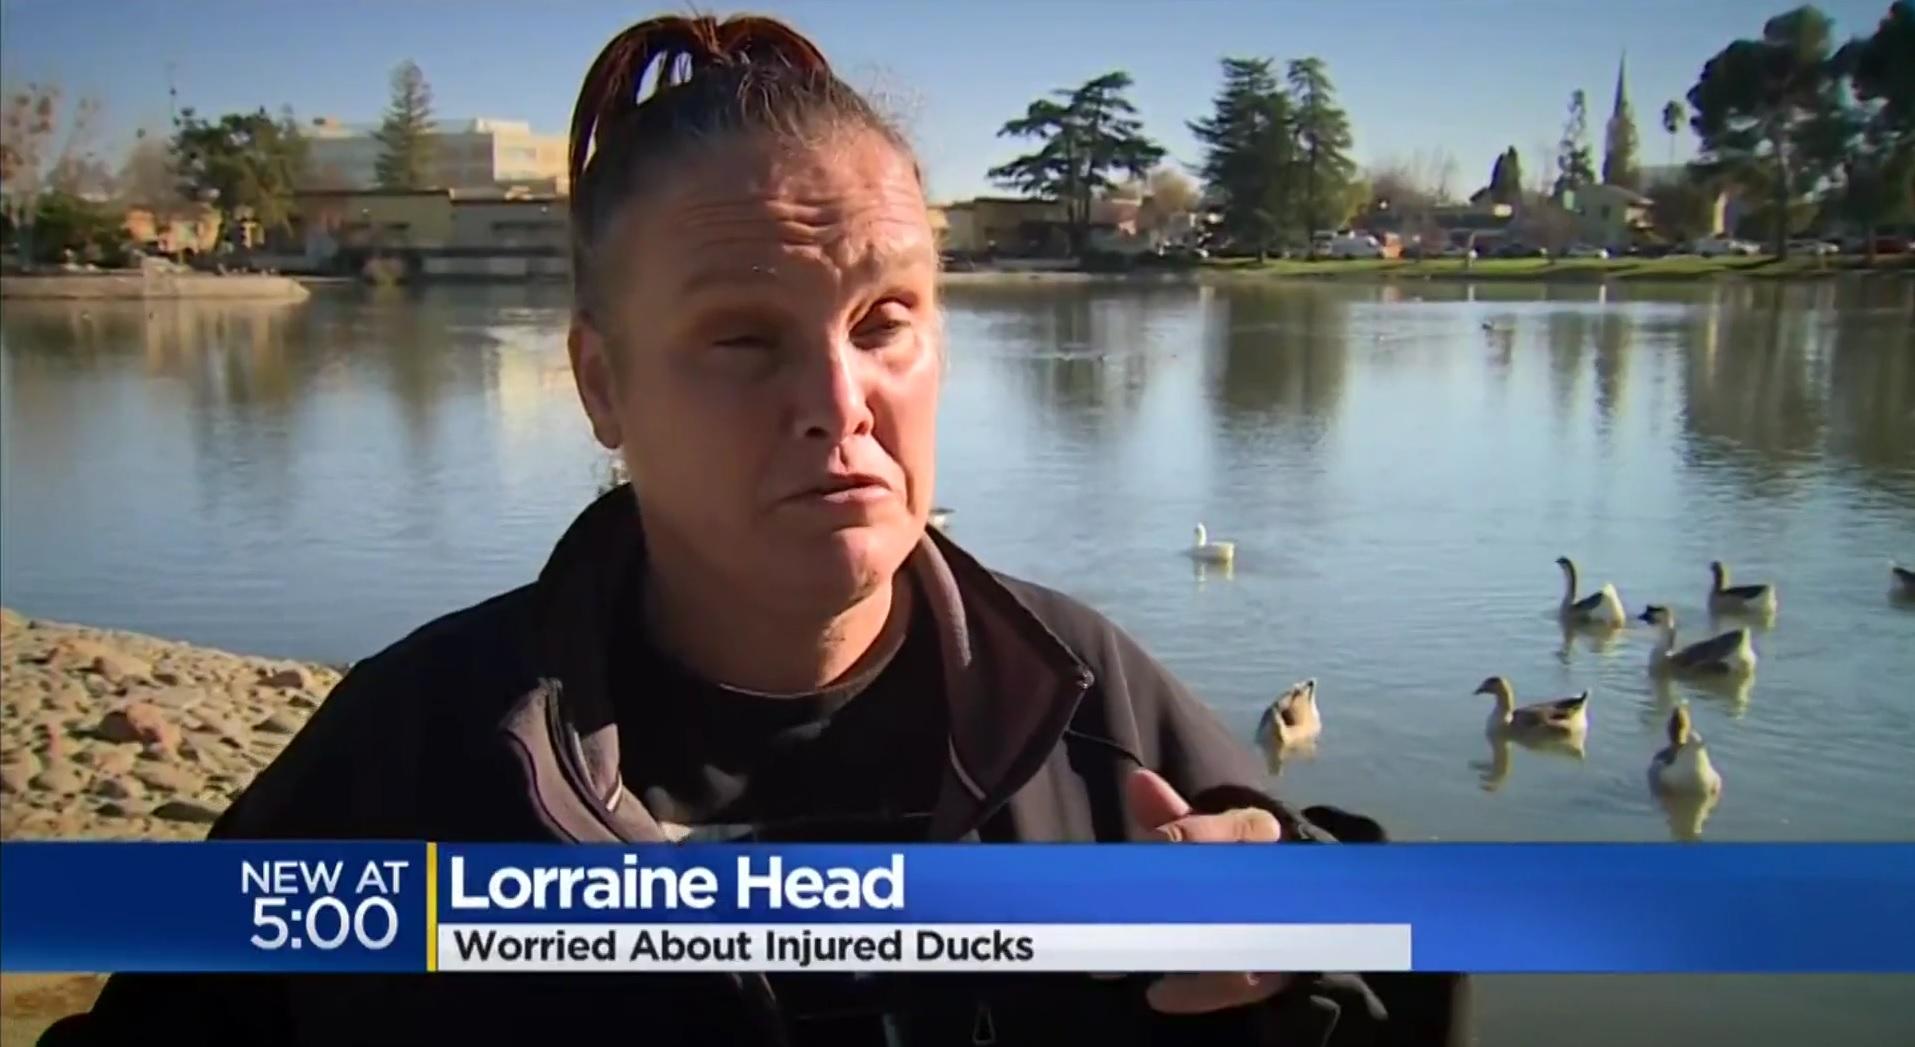 Lorraine Head: Worried About Injured Ducks